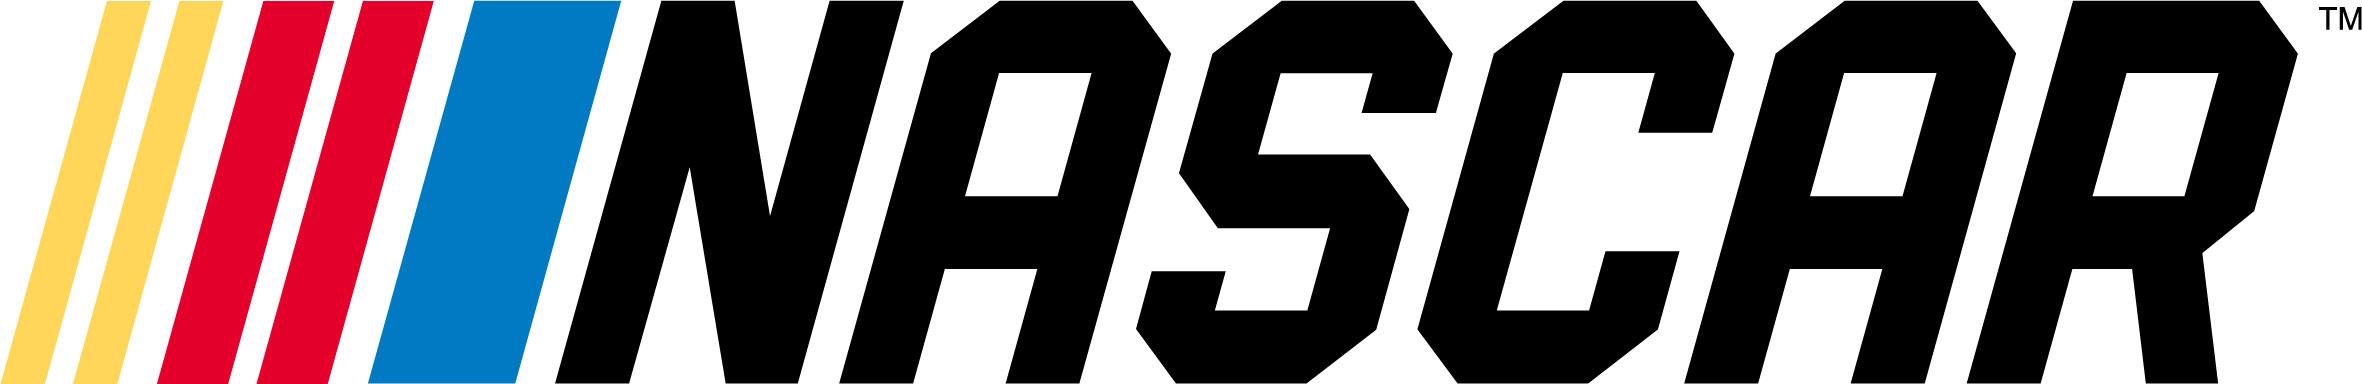 NASCARLogo.jpg